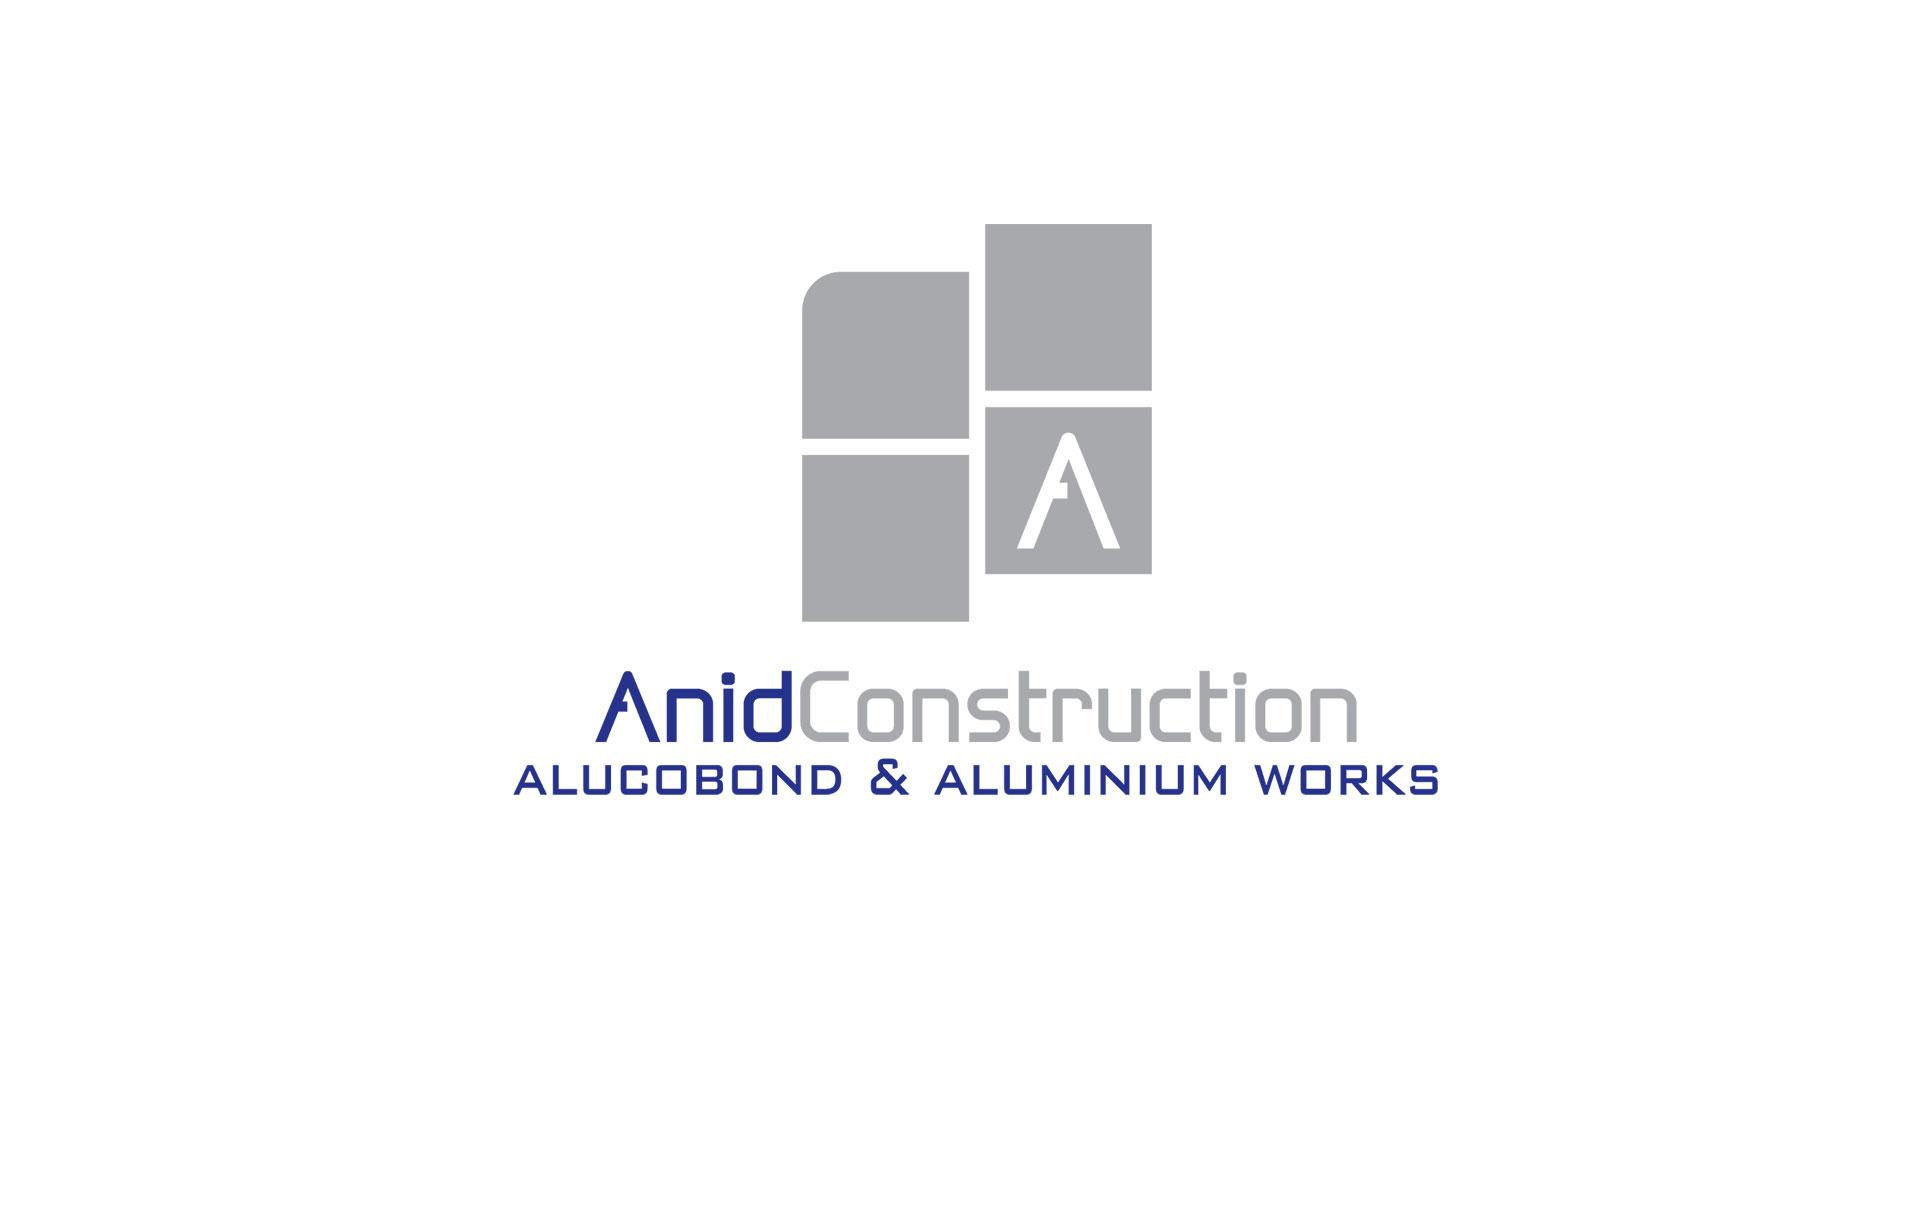 anid alucobond aluminium lebanon